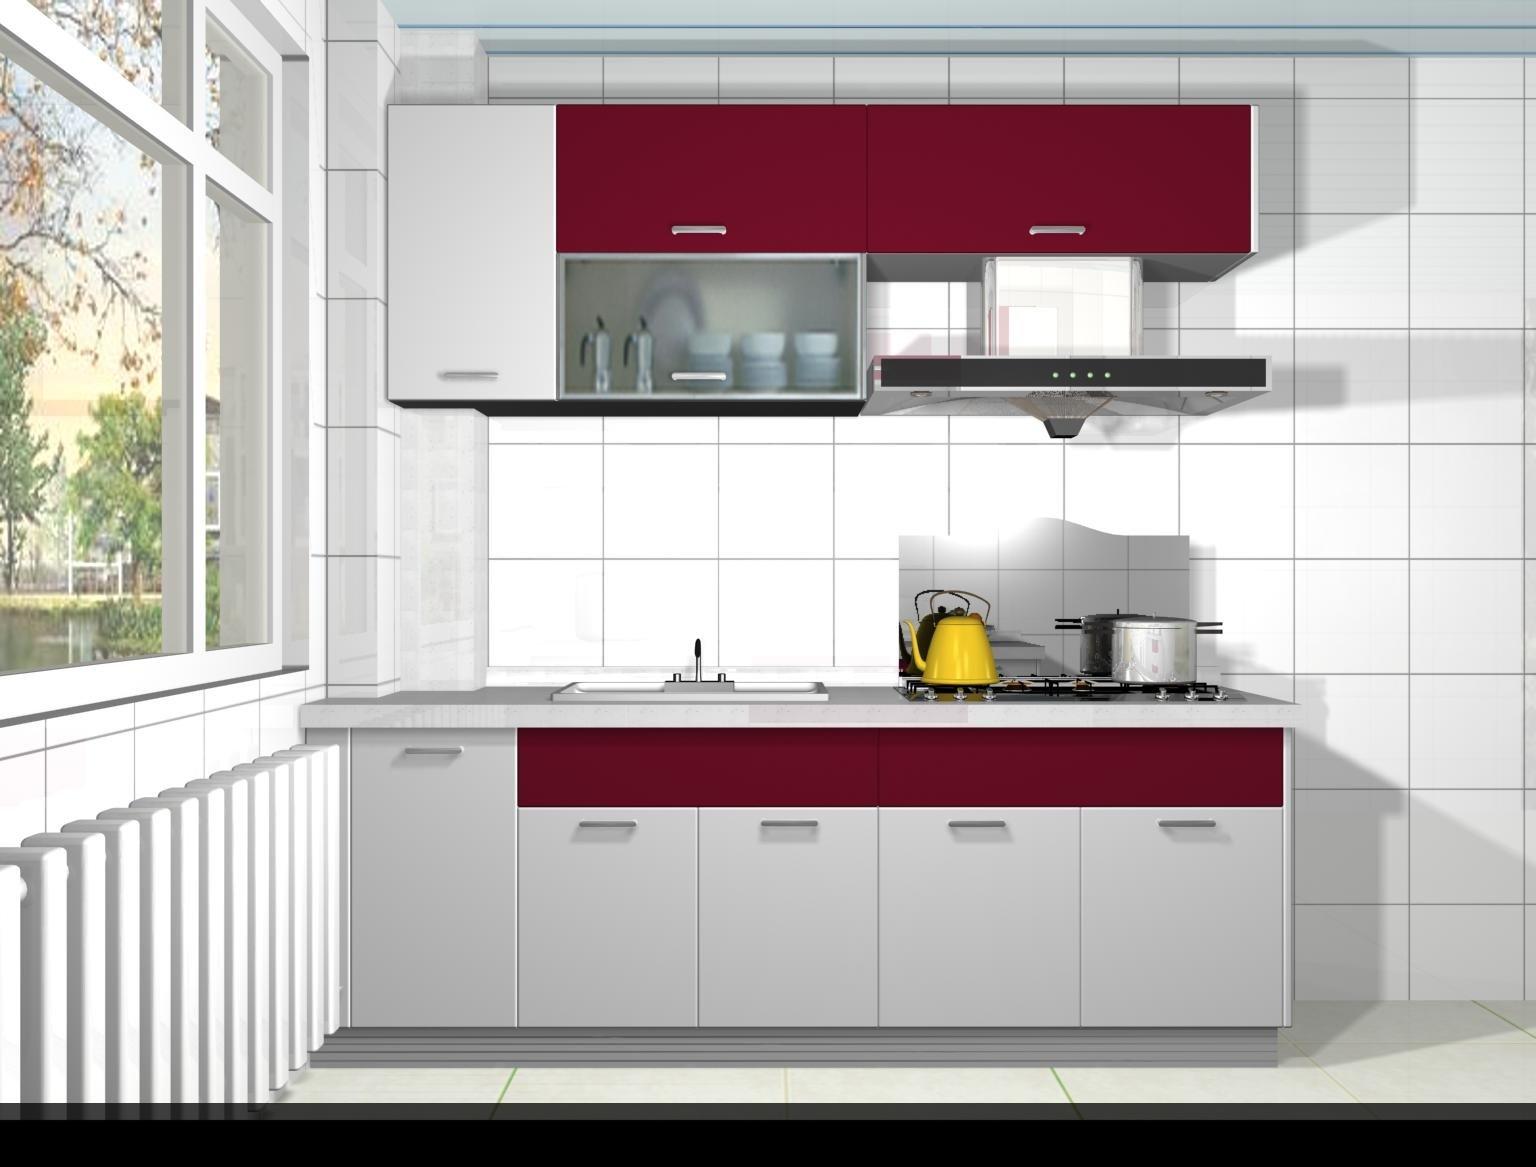 #B89813 Pias Pia Quartzo Vermelho Estelar Pias De Granito Pictures to pin on  1536x1167 px Armario De Cozinha Compacto Vermelho #2013 imagens